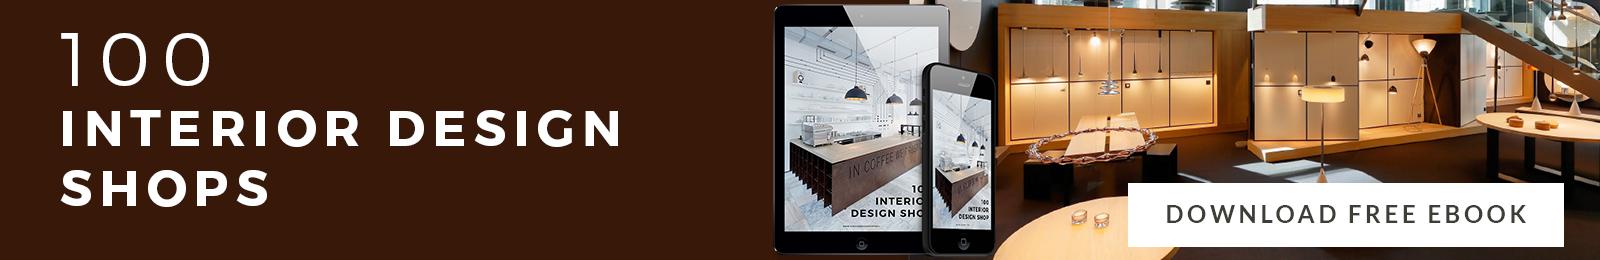 круглые журнальные столики Круглые журнальные столики, которые всегда будут в тренде 100 interior design shops blog interior design shops